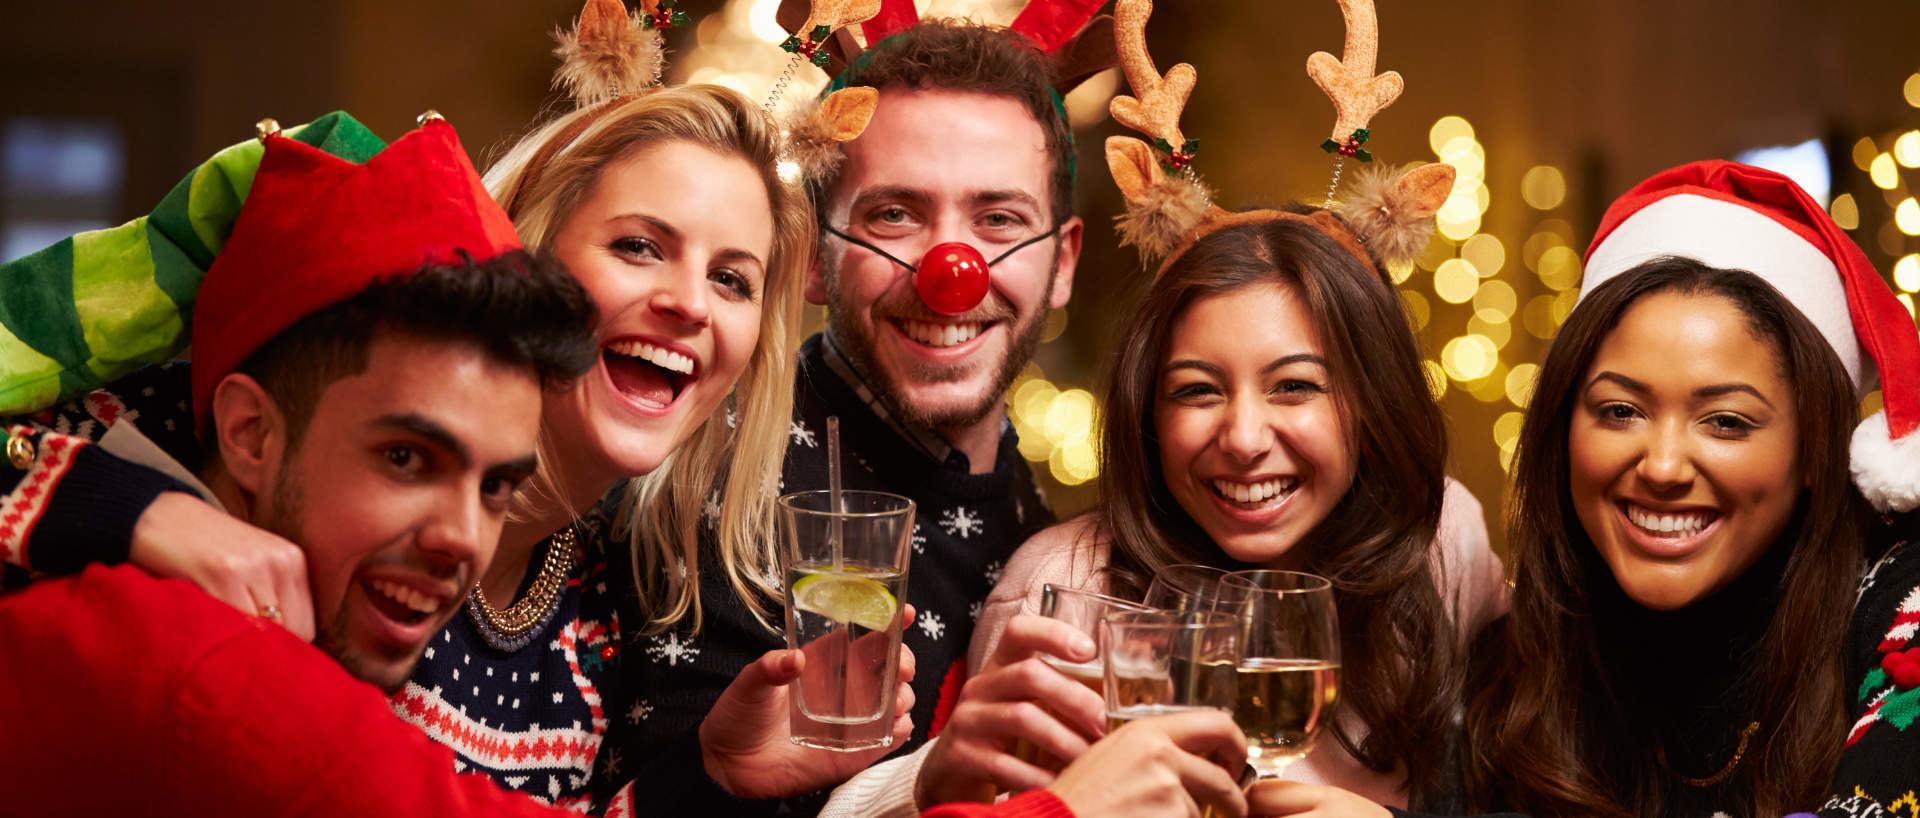 Сценарий корпоративных вечеринок нового года